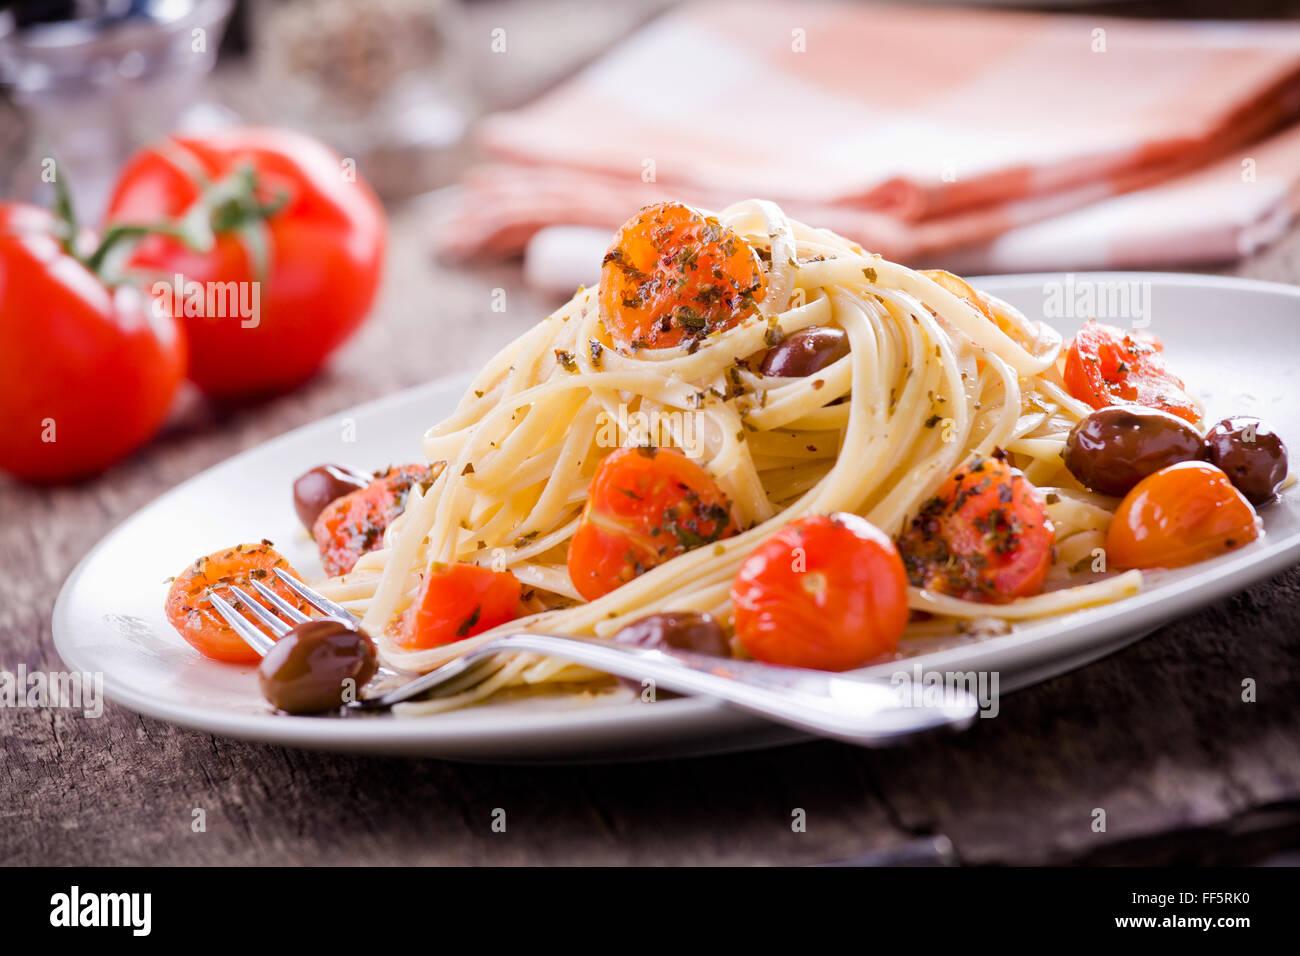 Pâtes aux tomates fraîches et olives Photo Stock